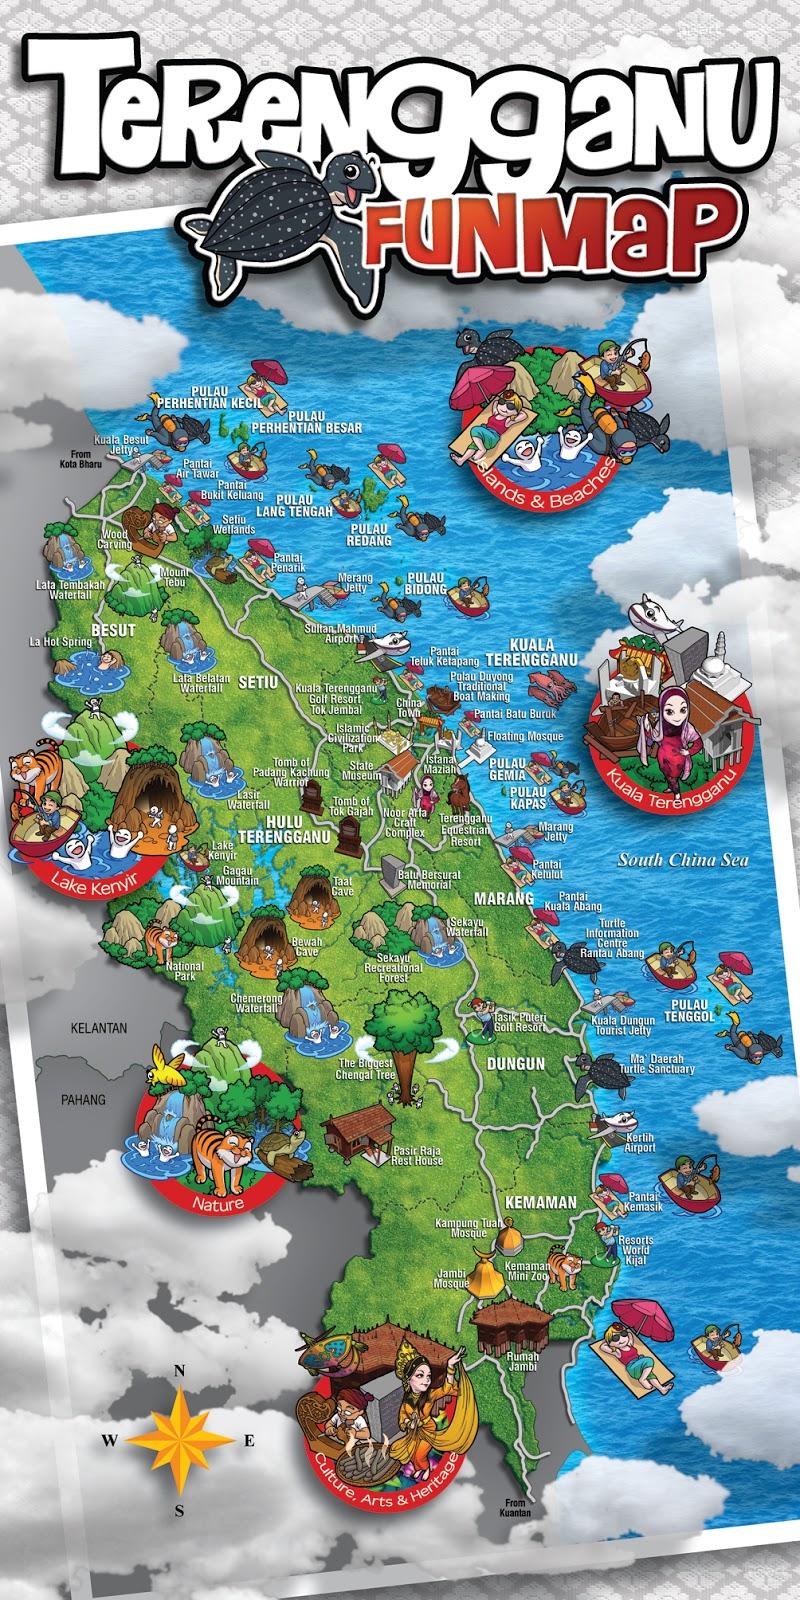 Chalet Murah Menghadap Laut di Terengganu